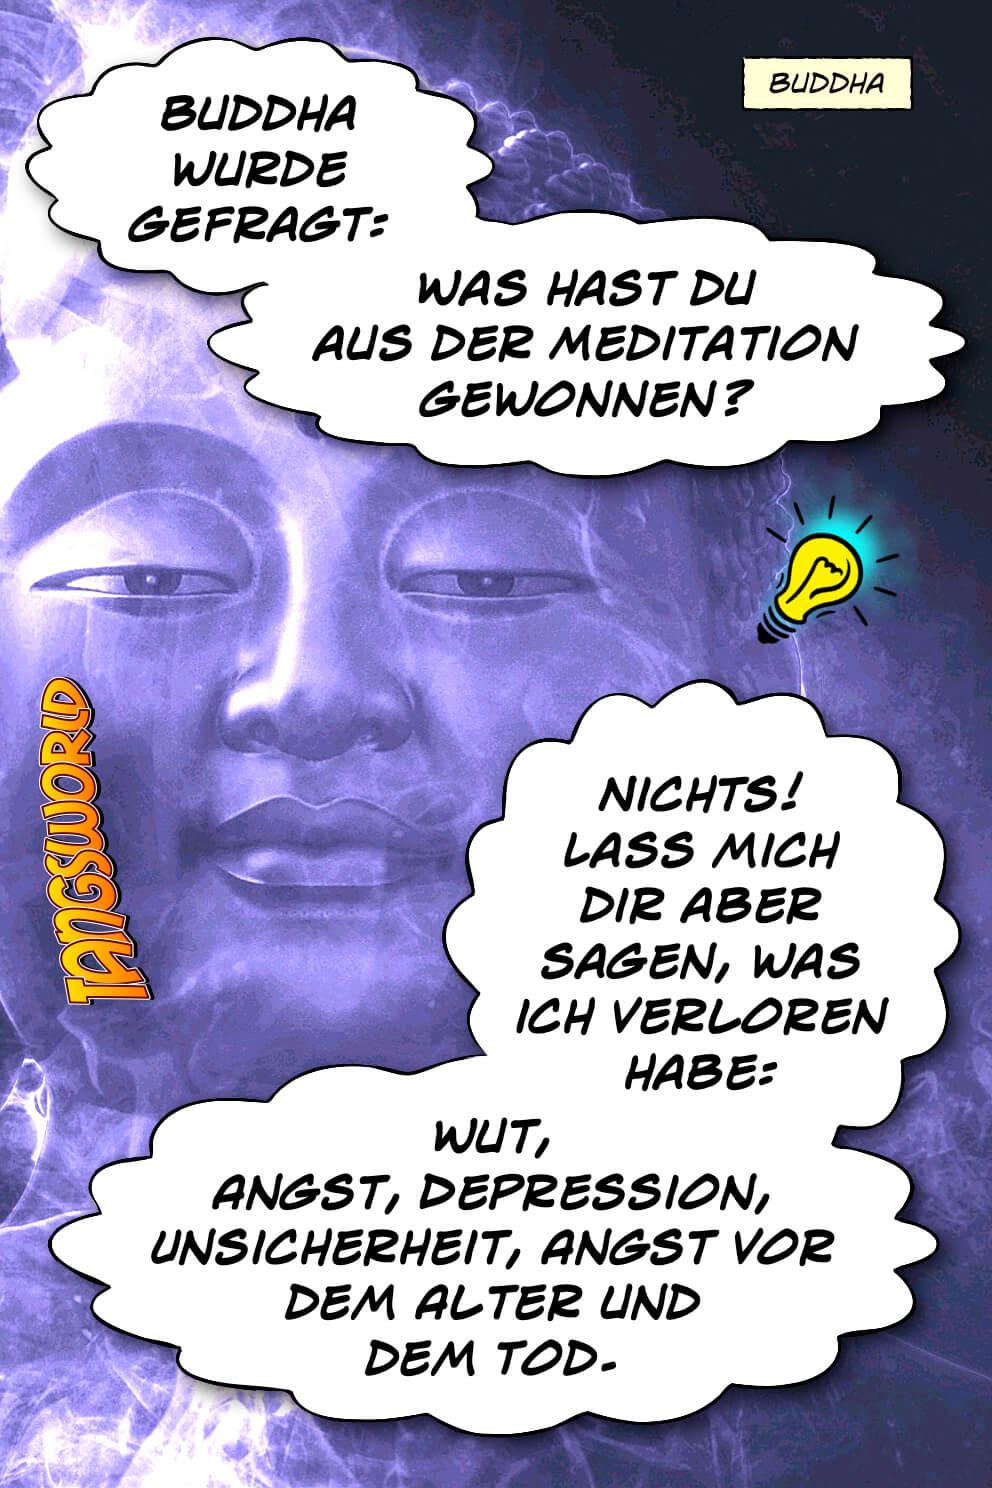 Buddha wurde gefragt: »Was hast du aus der Meditation gewonnen?« Er antwortete: »Nichts! Lass mich dir aber sagen, was ich verloren habe: Wut, Angst, Depression, Unsicherheit, Angst vor dem Alter und dem Tod.« - Geistesblitze | Buddha